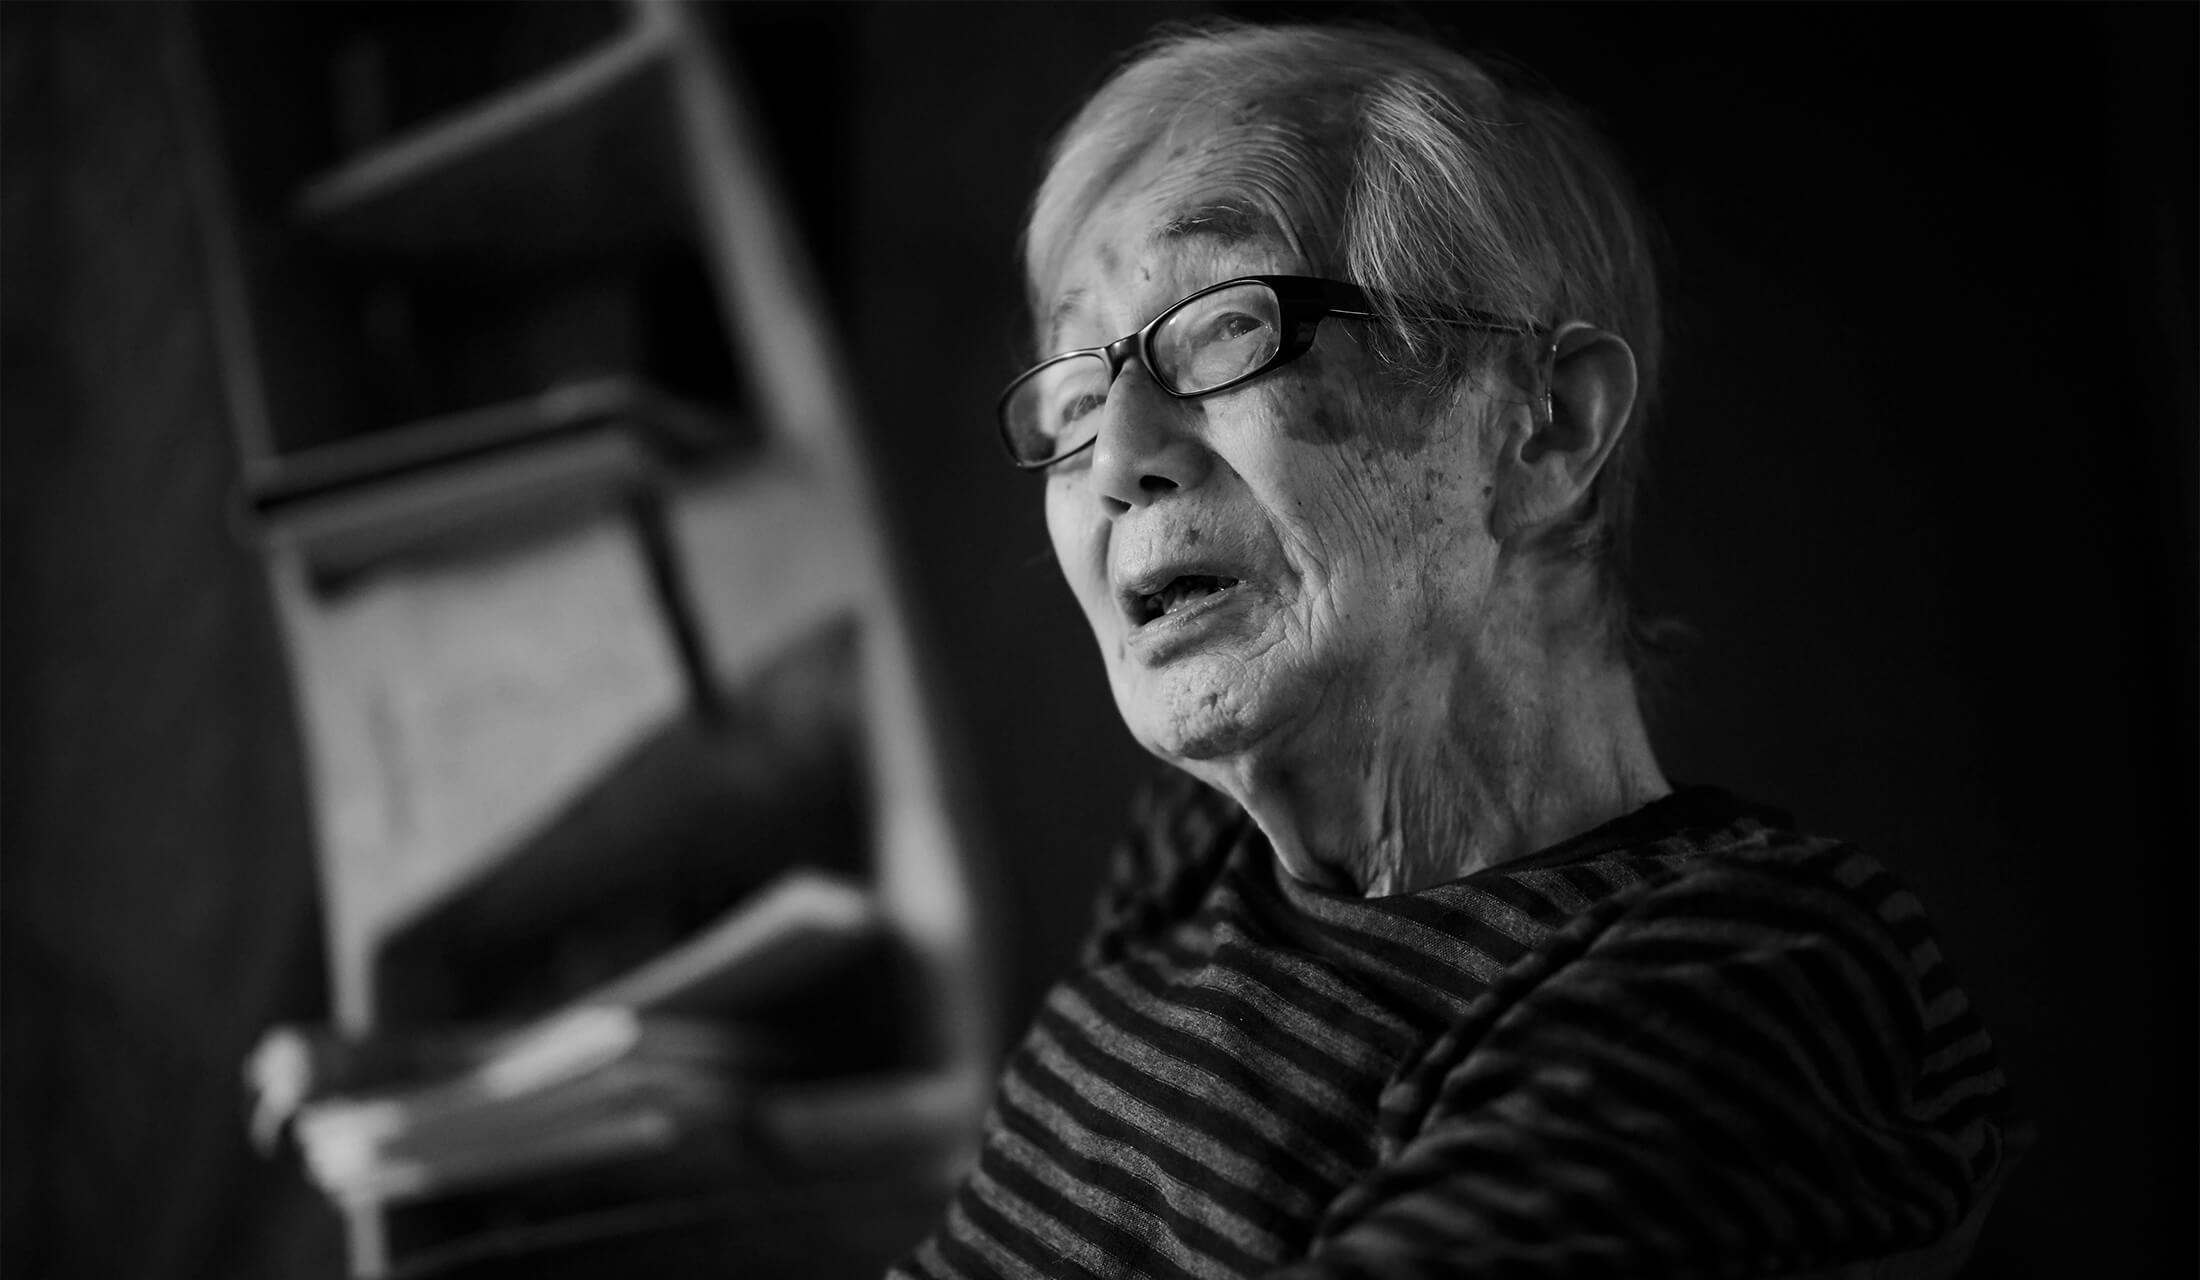 95歳の染色家・柚木沙弥郎氏へのインタビューシーン